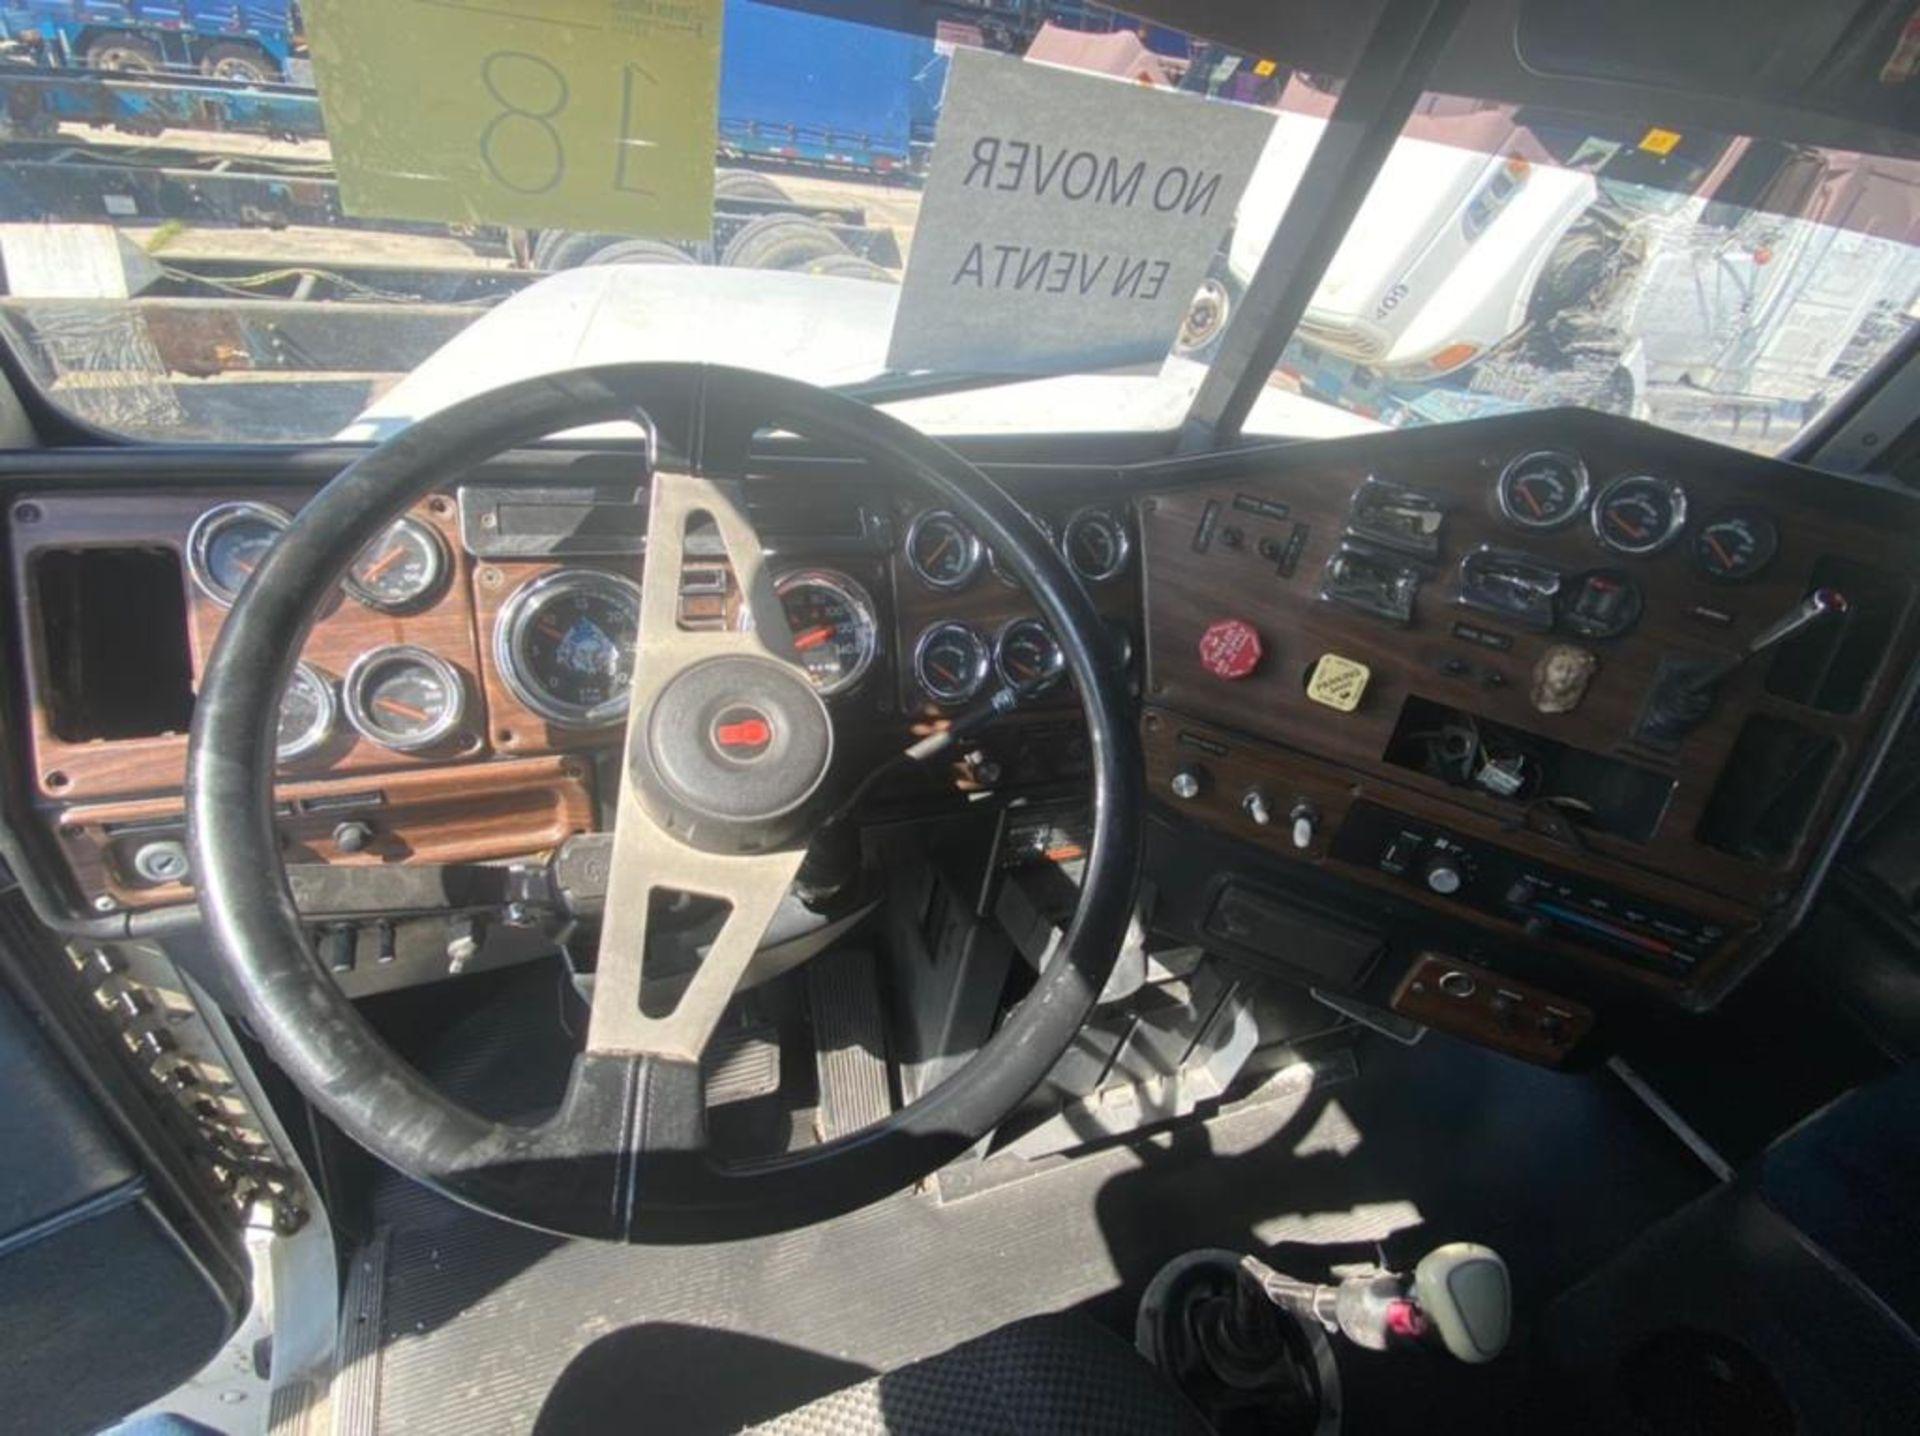 Tractocamión Marca FREIGHTLINER Fld-120, Modelo 1997 - Image 20 of 26